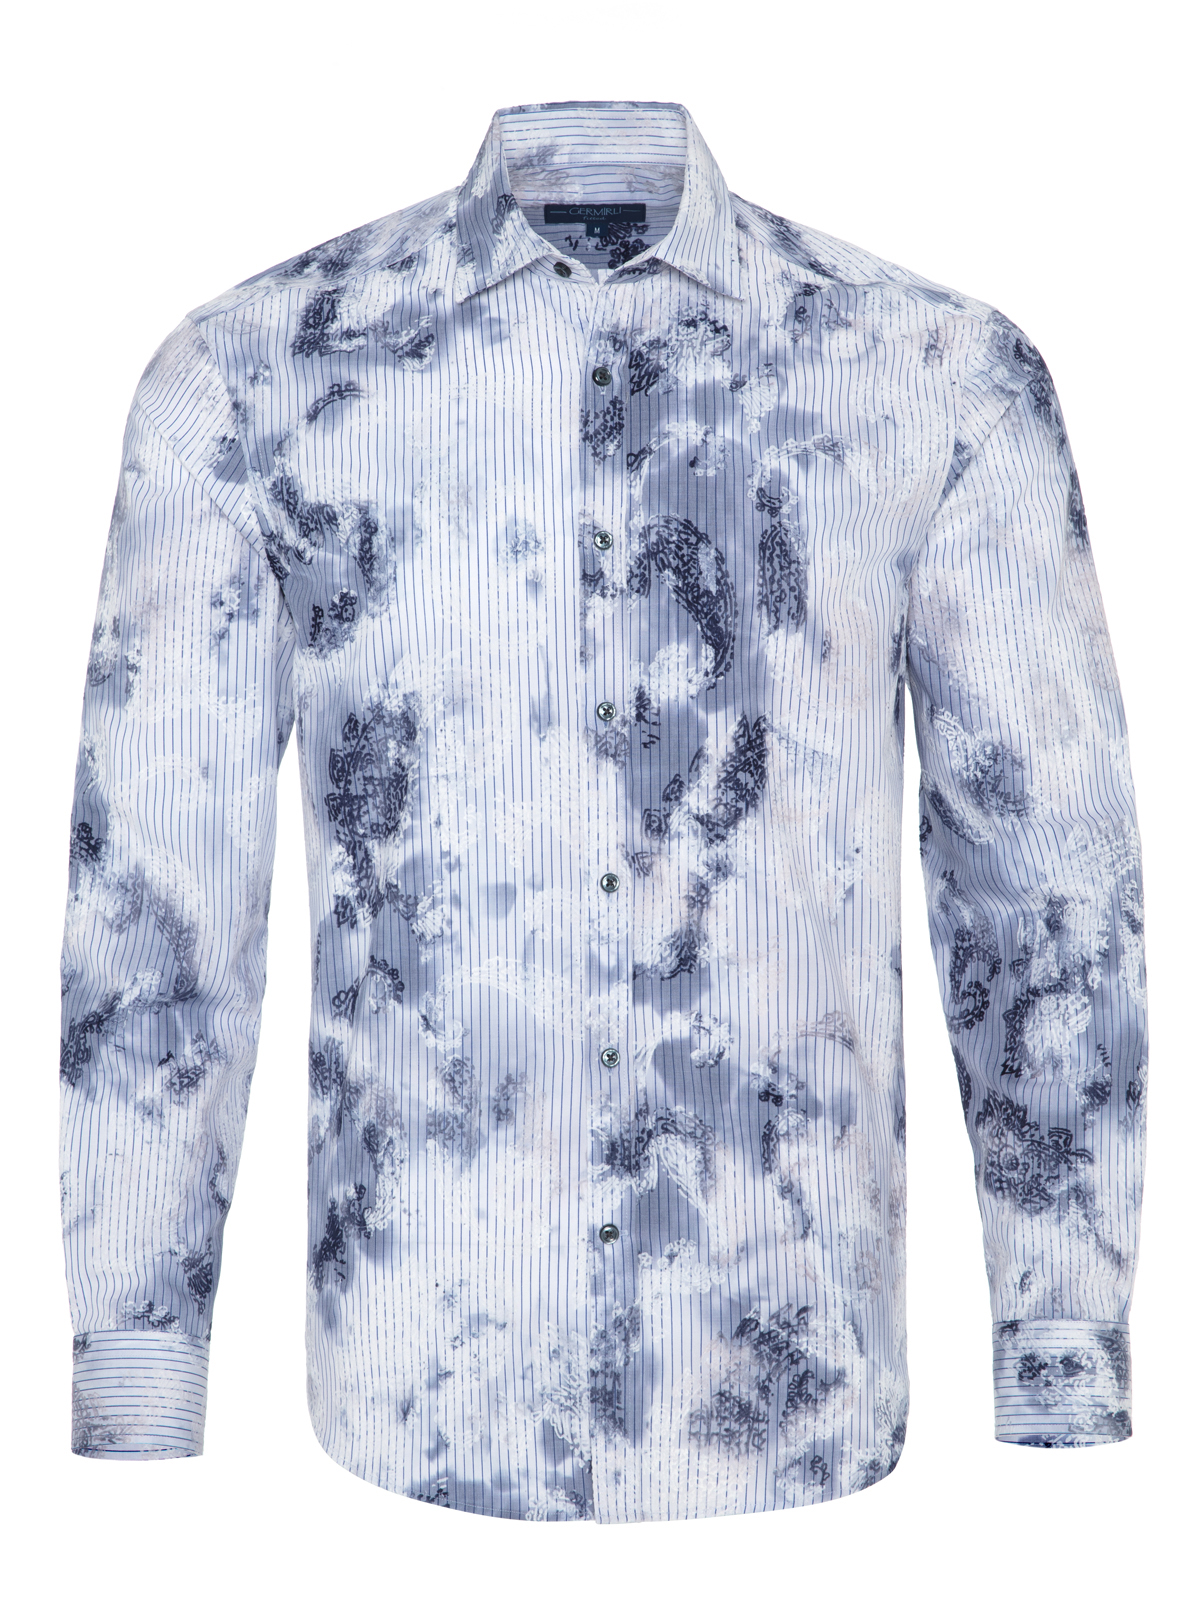 Germirli - Germirli Lacivert Beyaz Çiçek Nakışlı Klasik Yaka Tailor Fit Gömlek